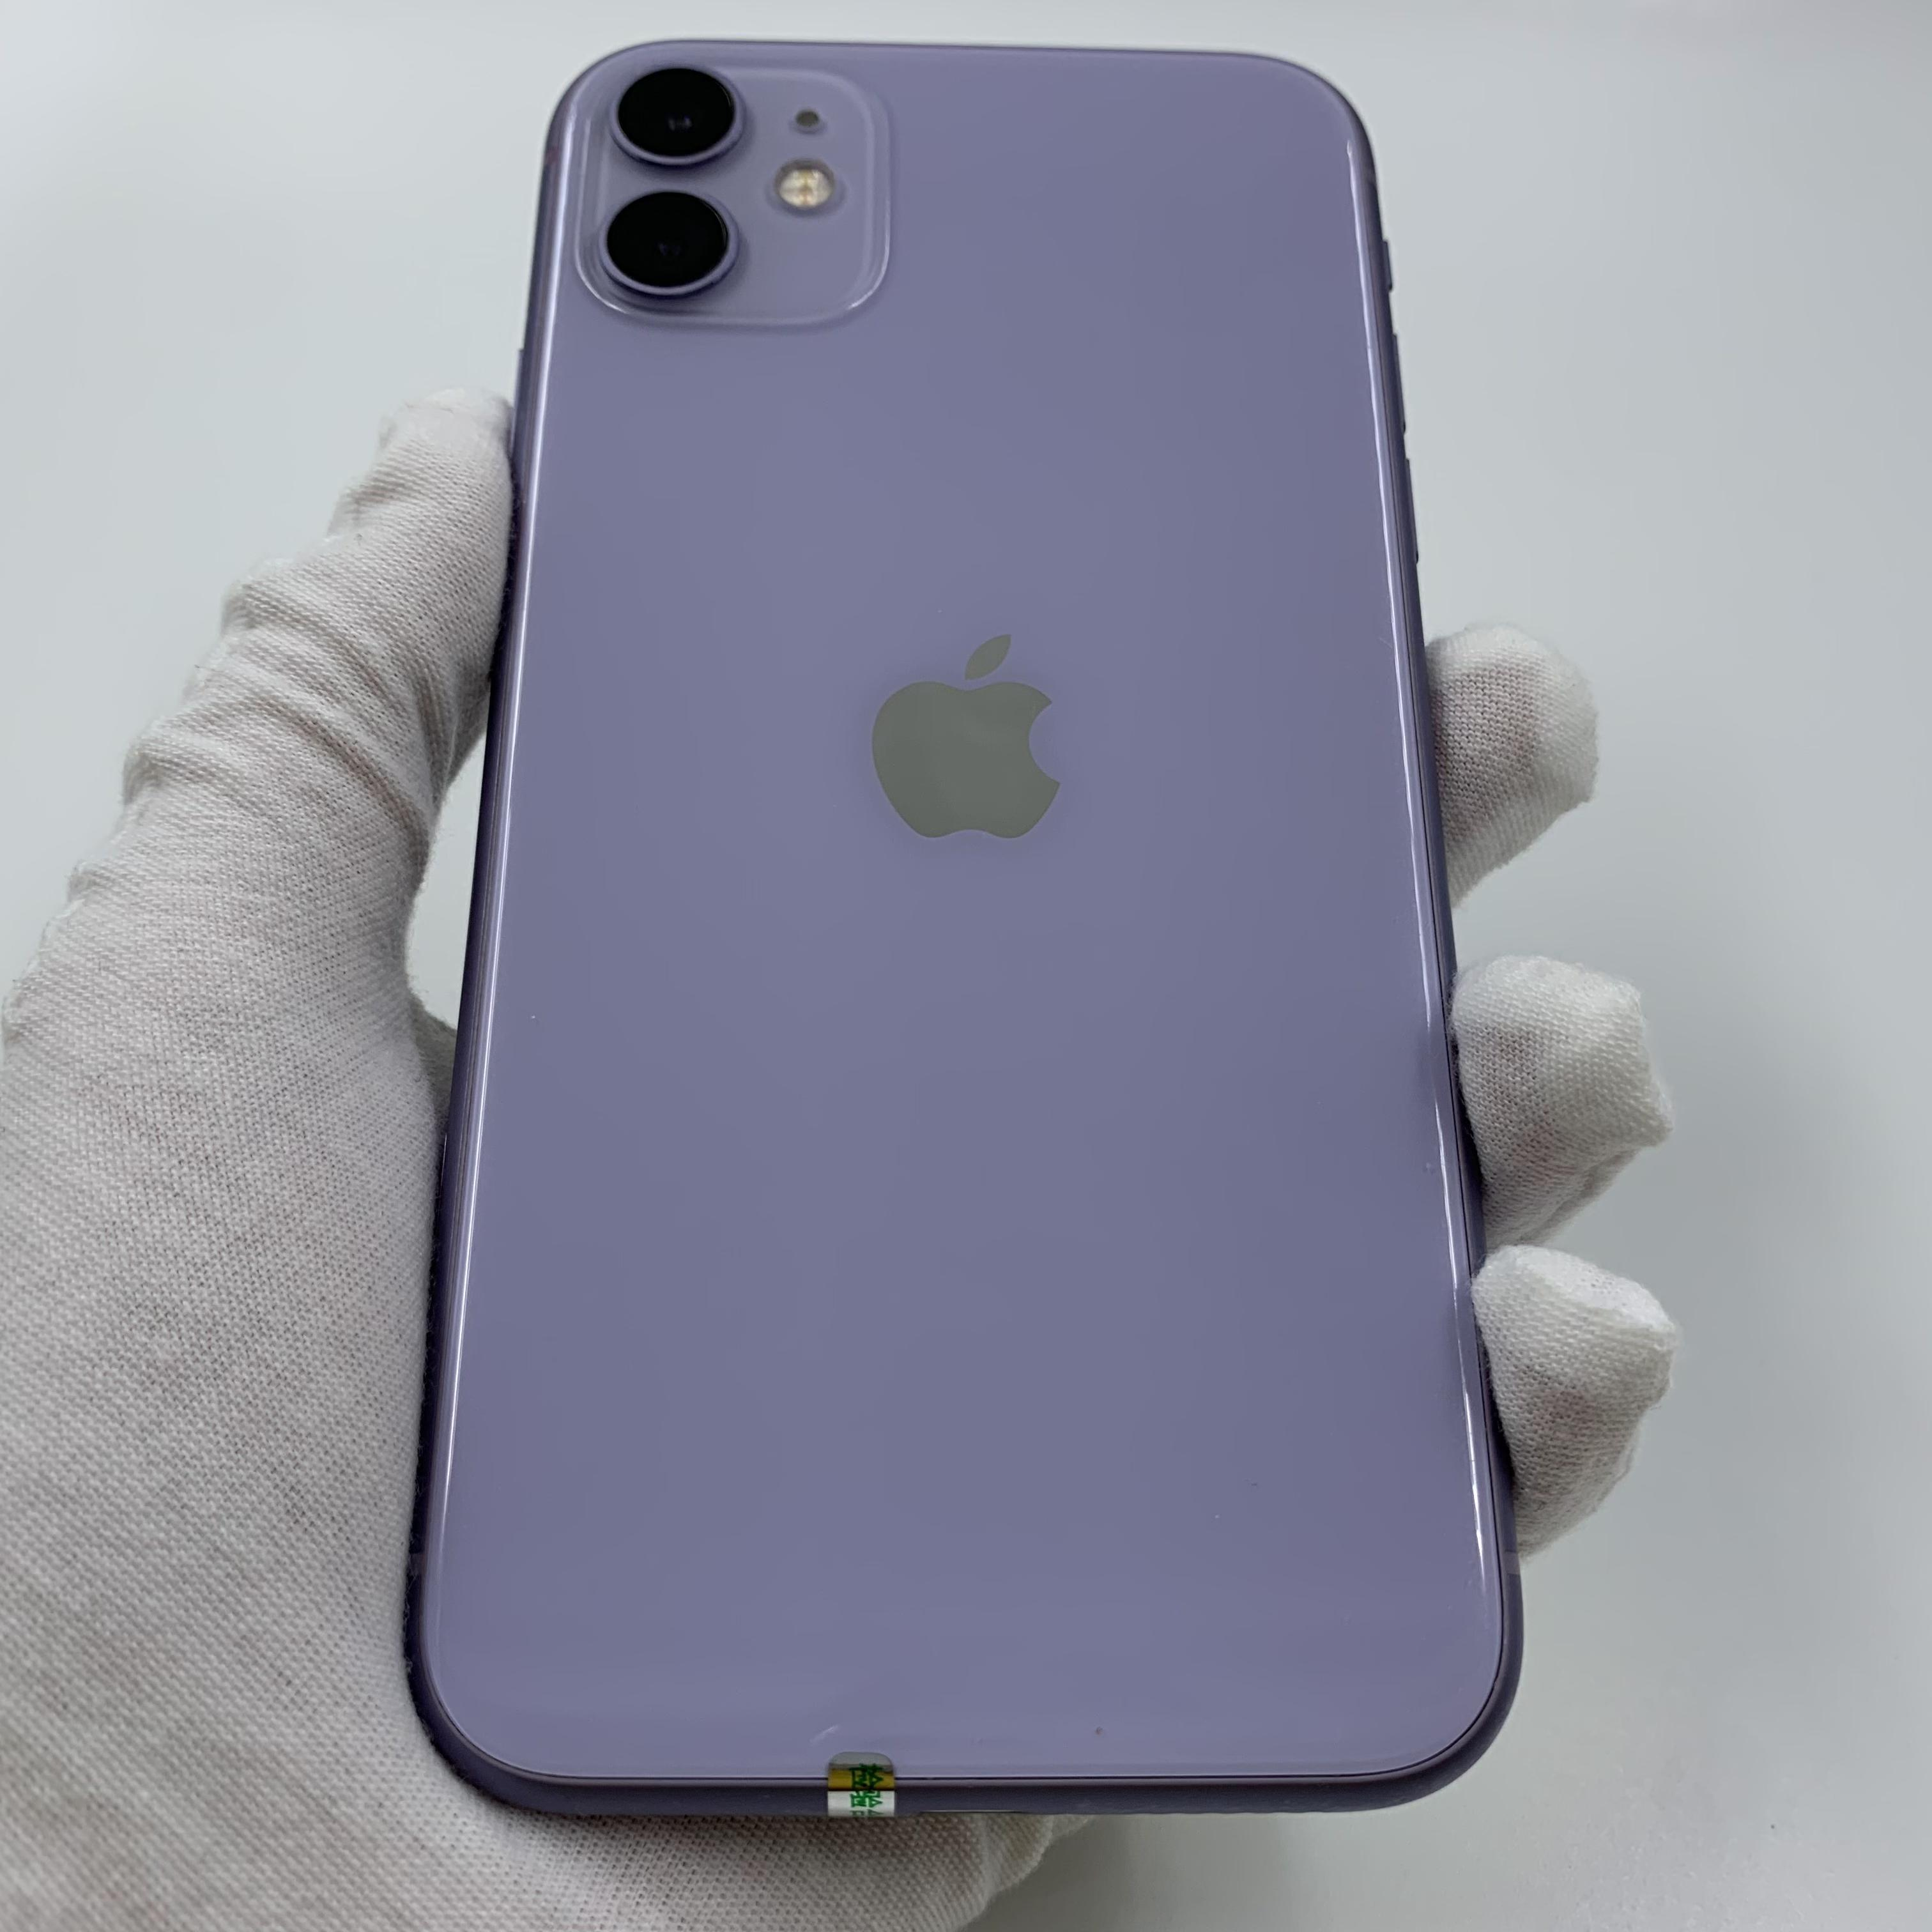 苹果【iPhone 11】4G全网通 紫色 128G 国行 8成新 真机实拍官保2021-10-06